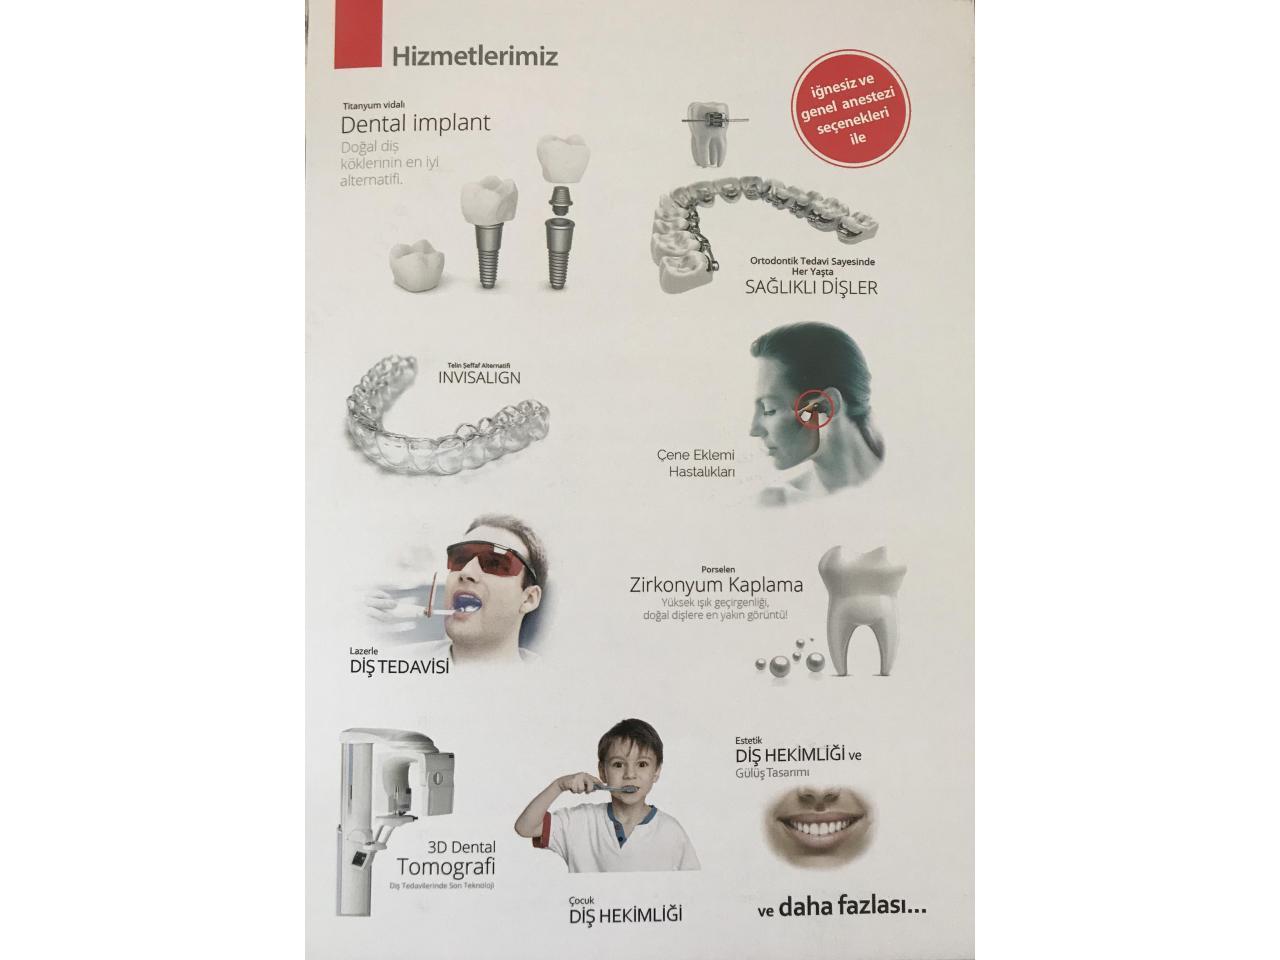 Турция! Отдых и Лечение! Стоматологические/Эстетические услуги в клиниках Стамбула - 7